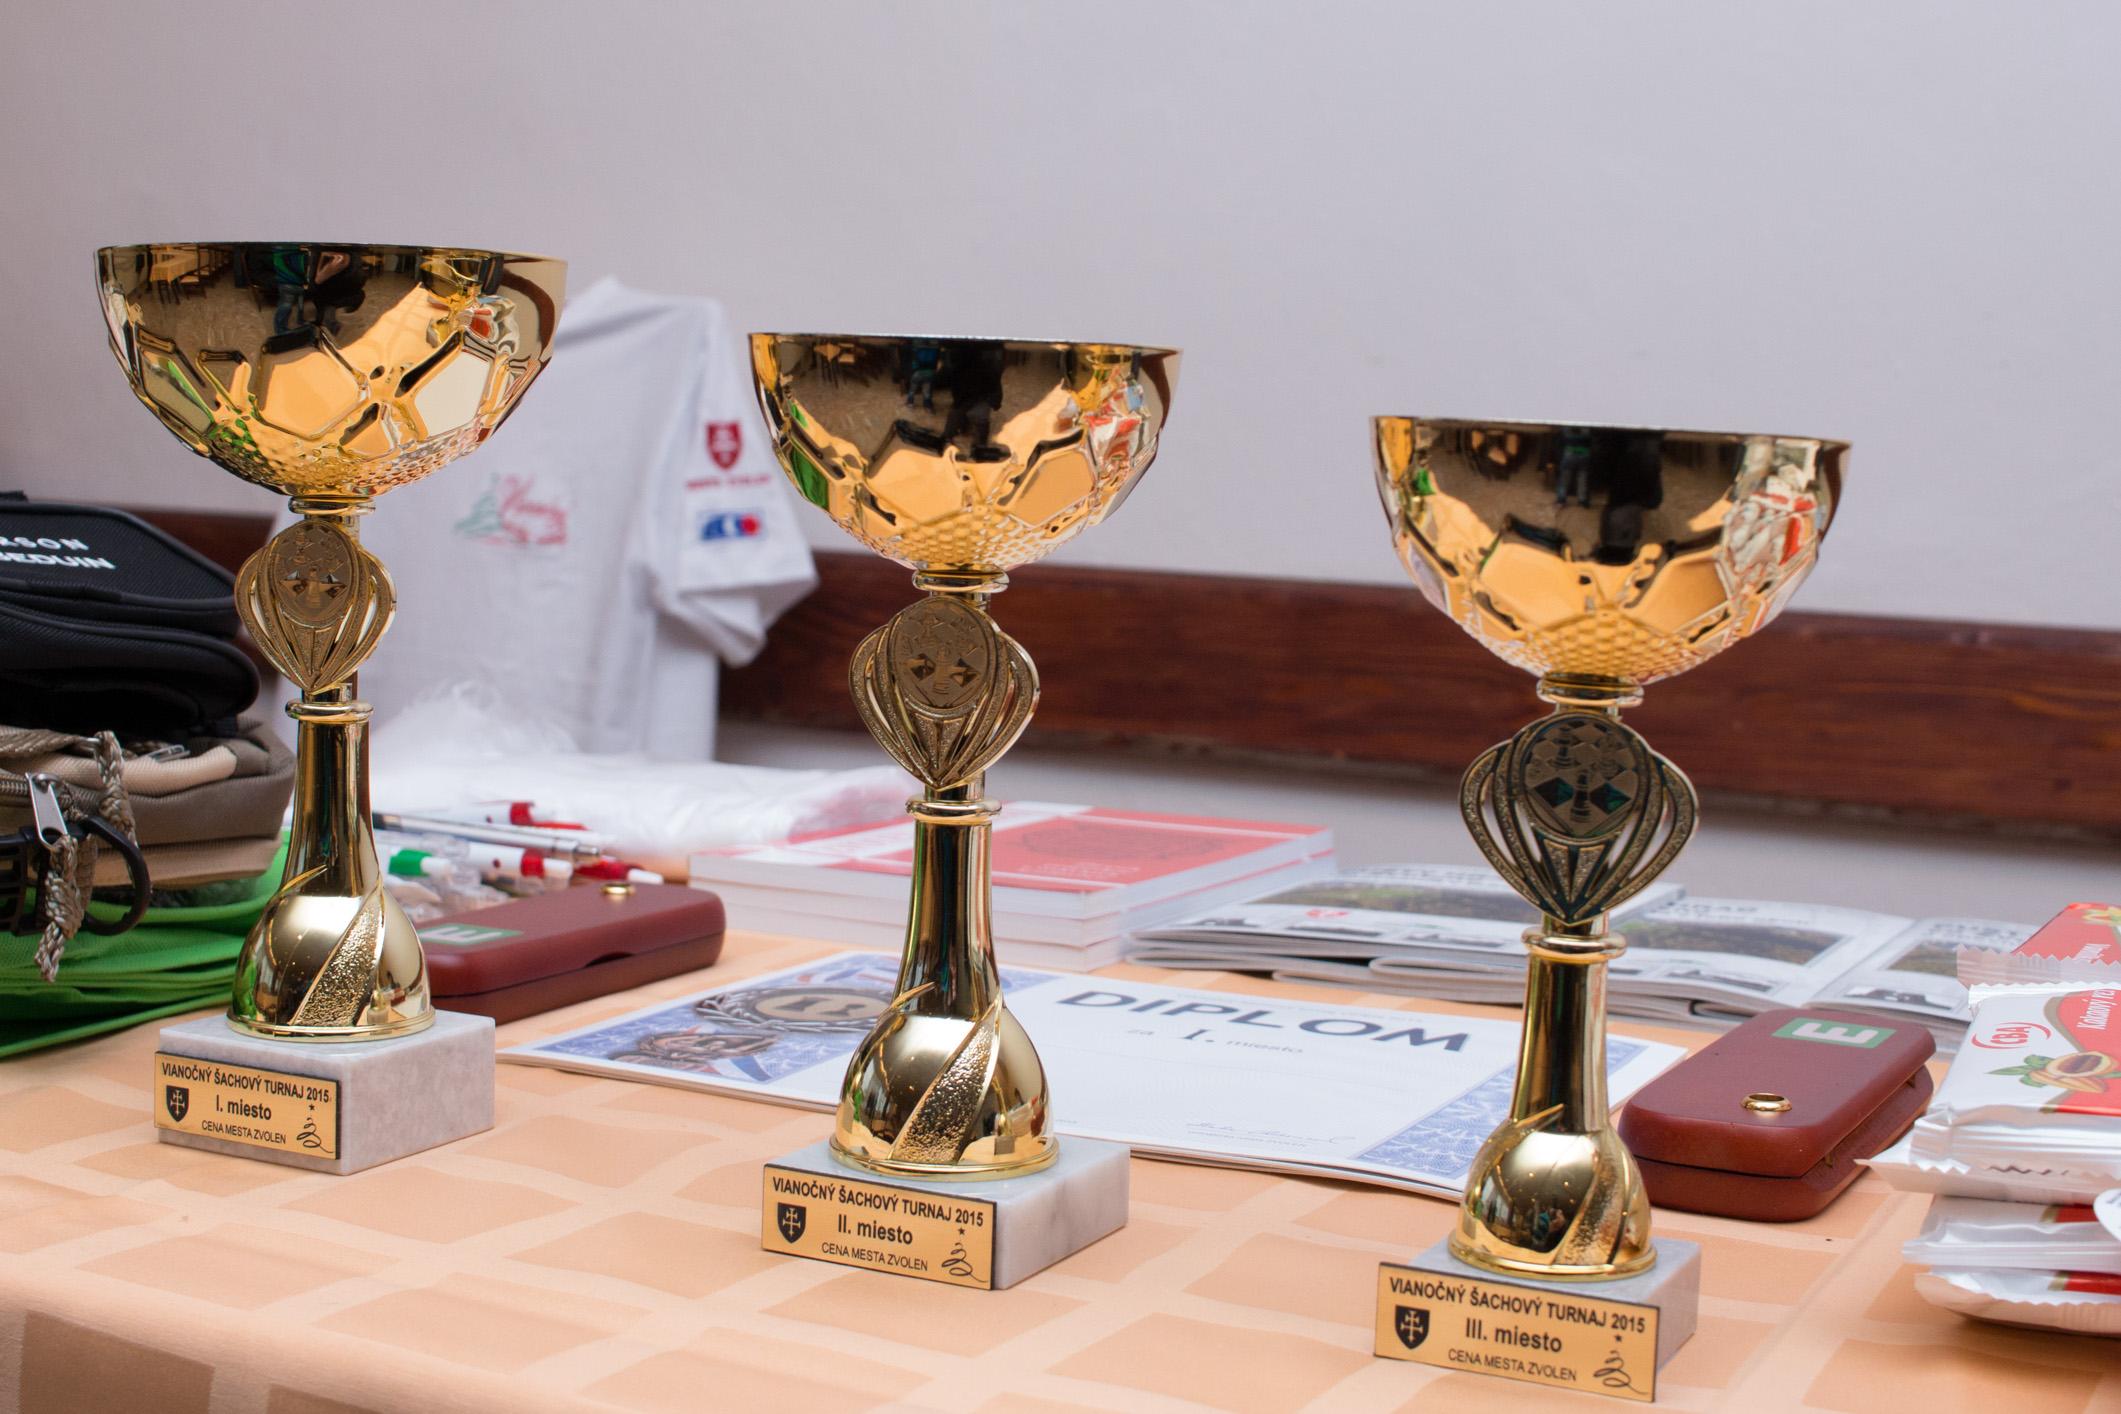 vianocny-sachovy-turnaj